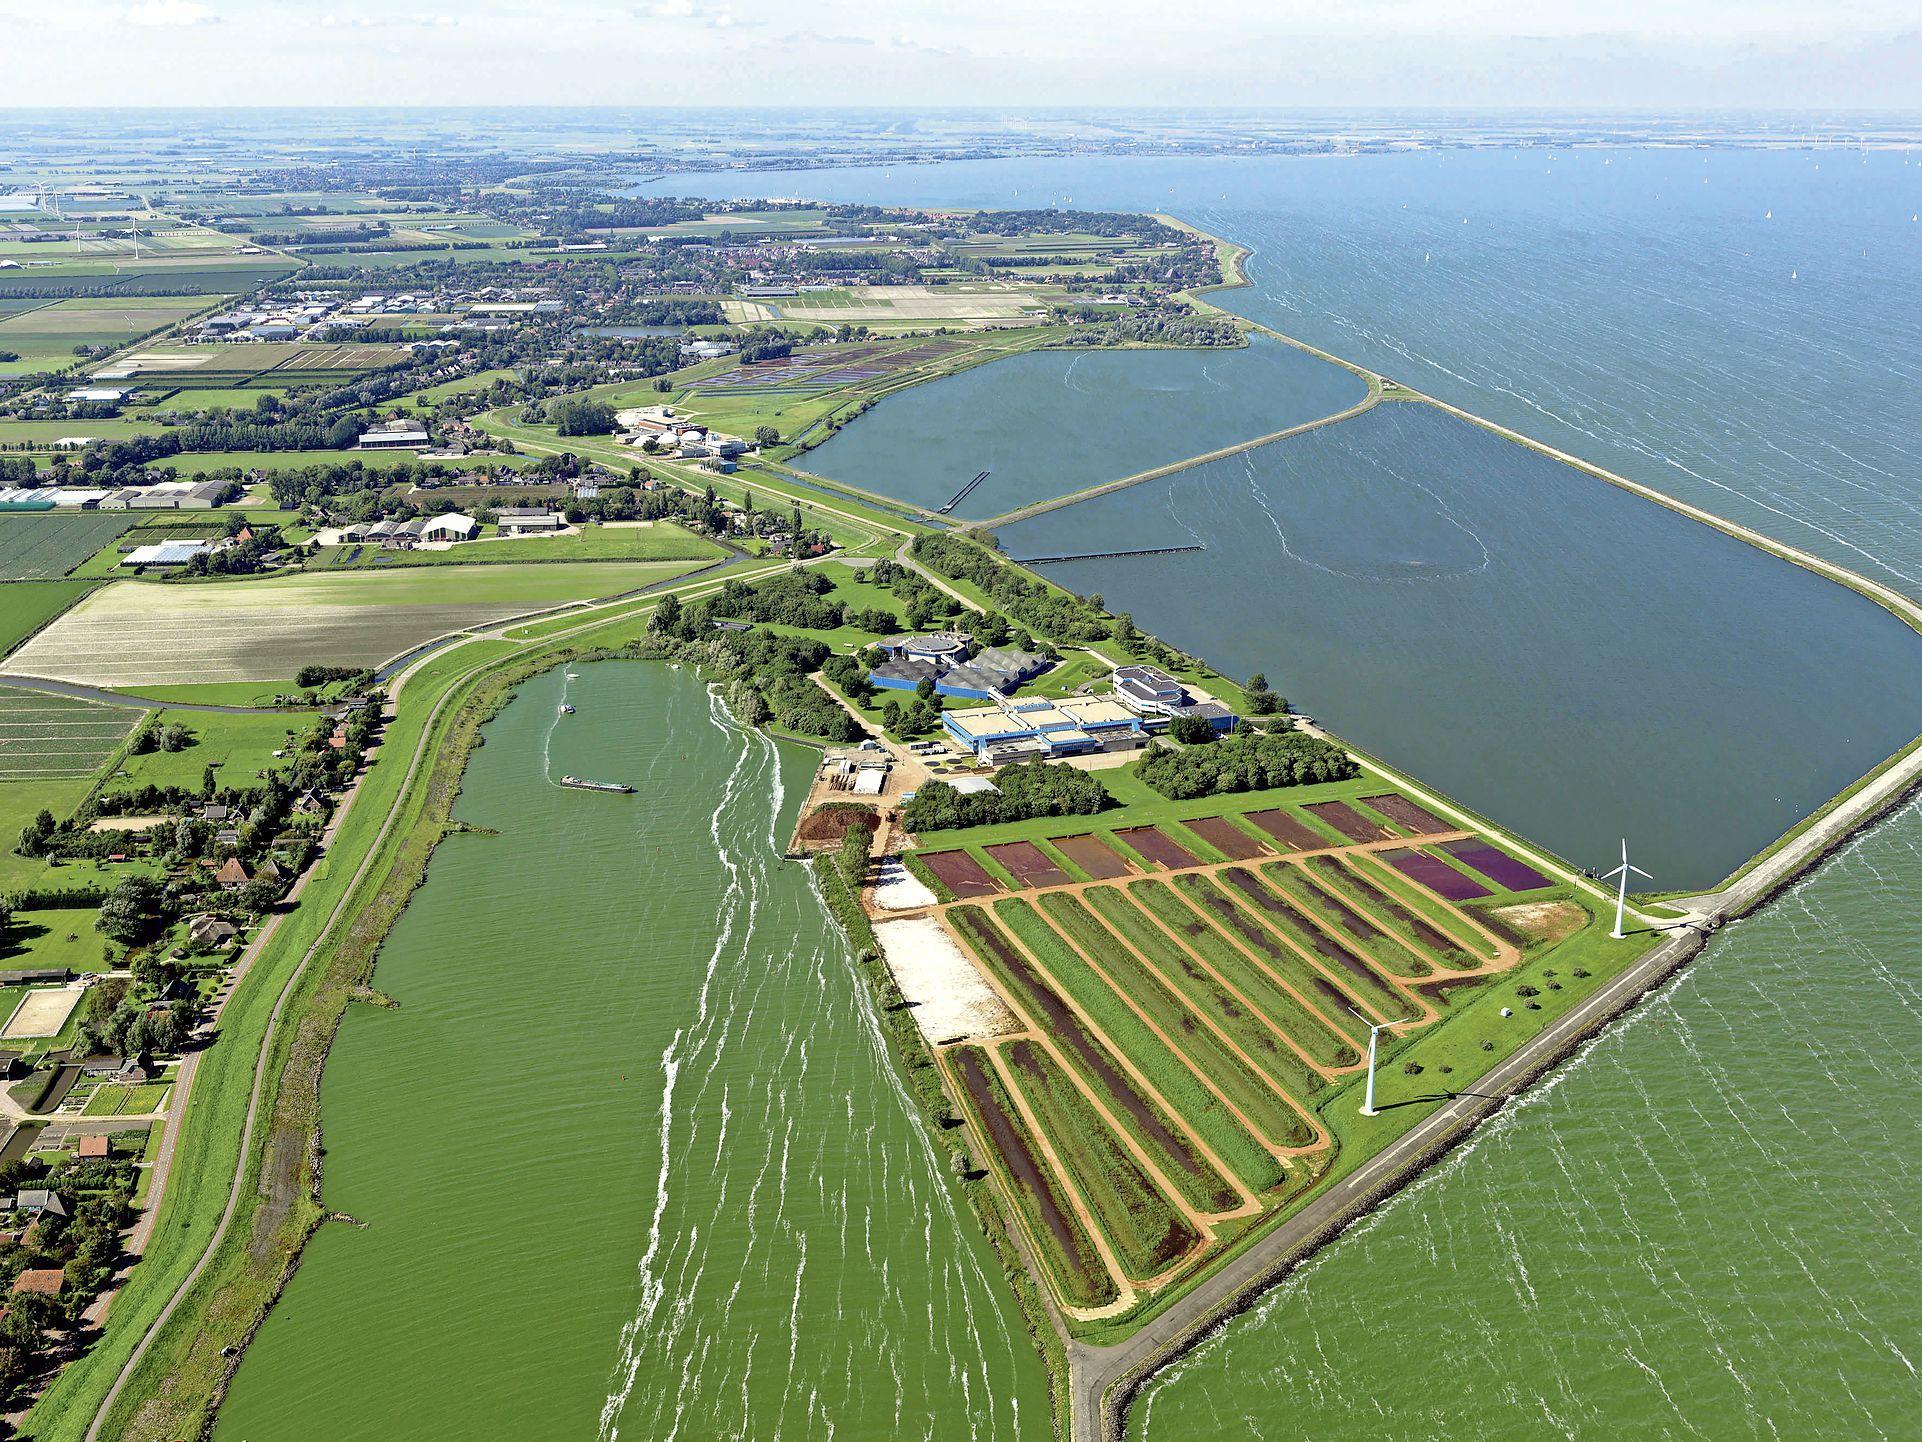 Stede Broec fel tegen idee van zonneweide op atollen in IJsselmeer, uit angst voor afkalving zoetwatervoorziening